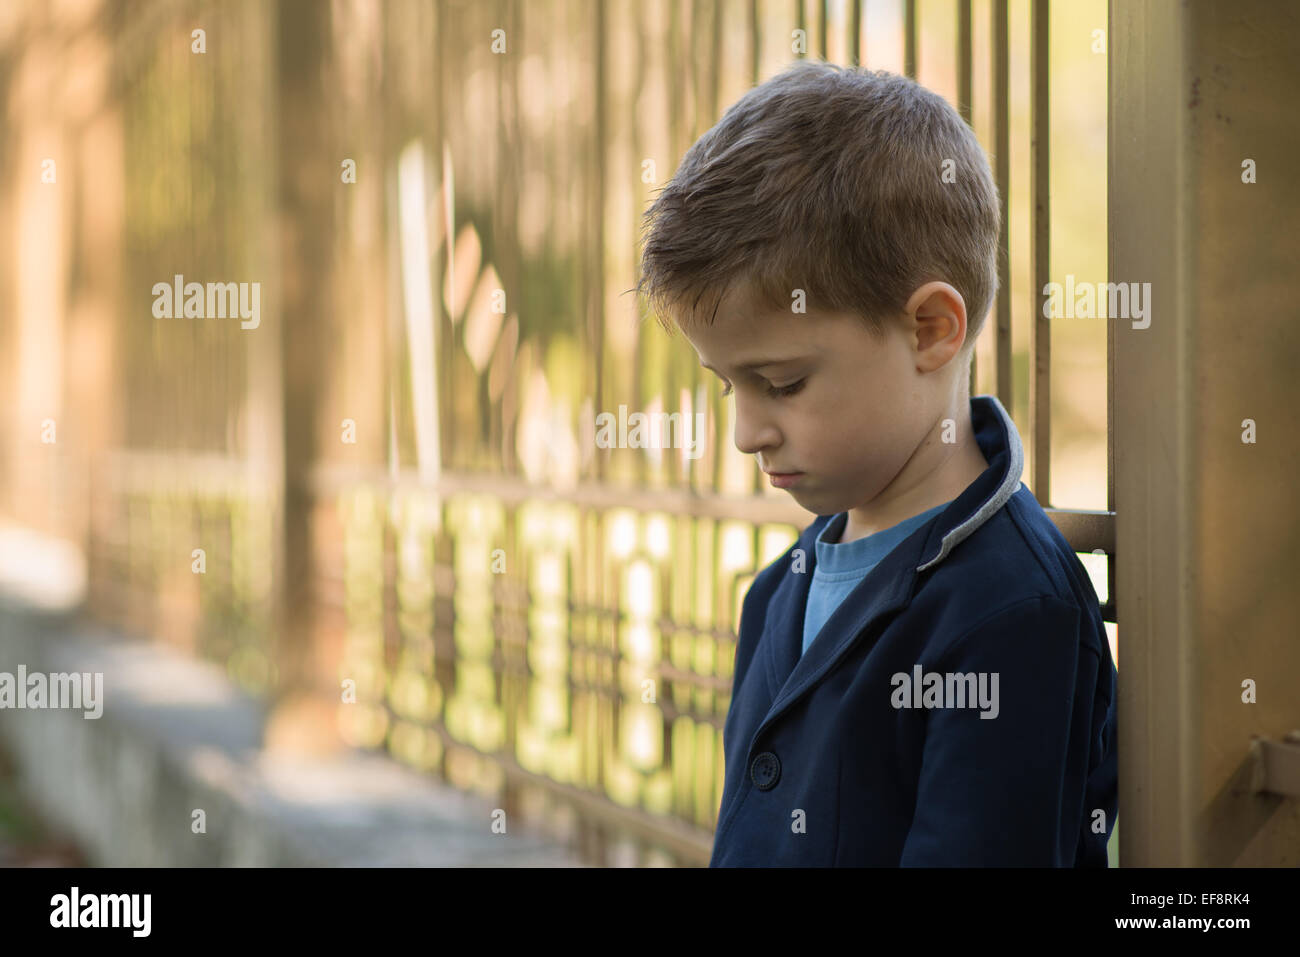 Portrait eines traurigen jungen gelehnt Metallgeländer Stockbild